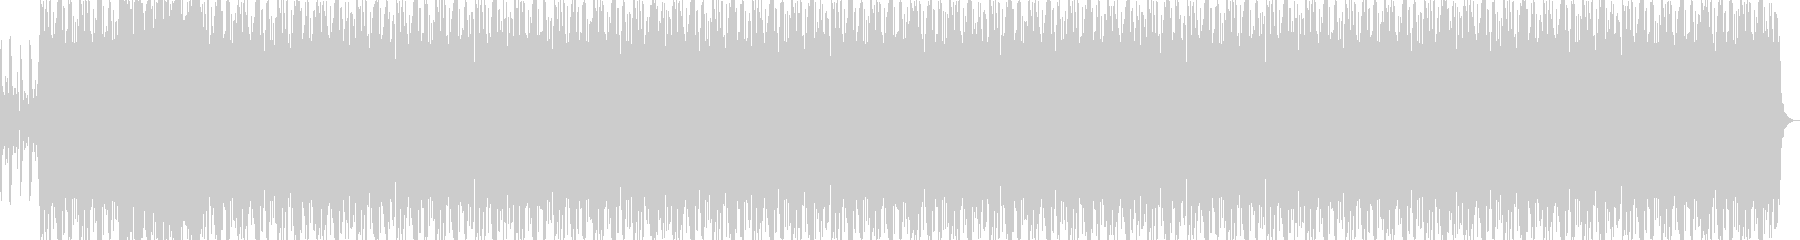 大河時代劇BGMオーケストラナレーションの未再生の波形